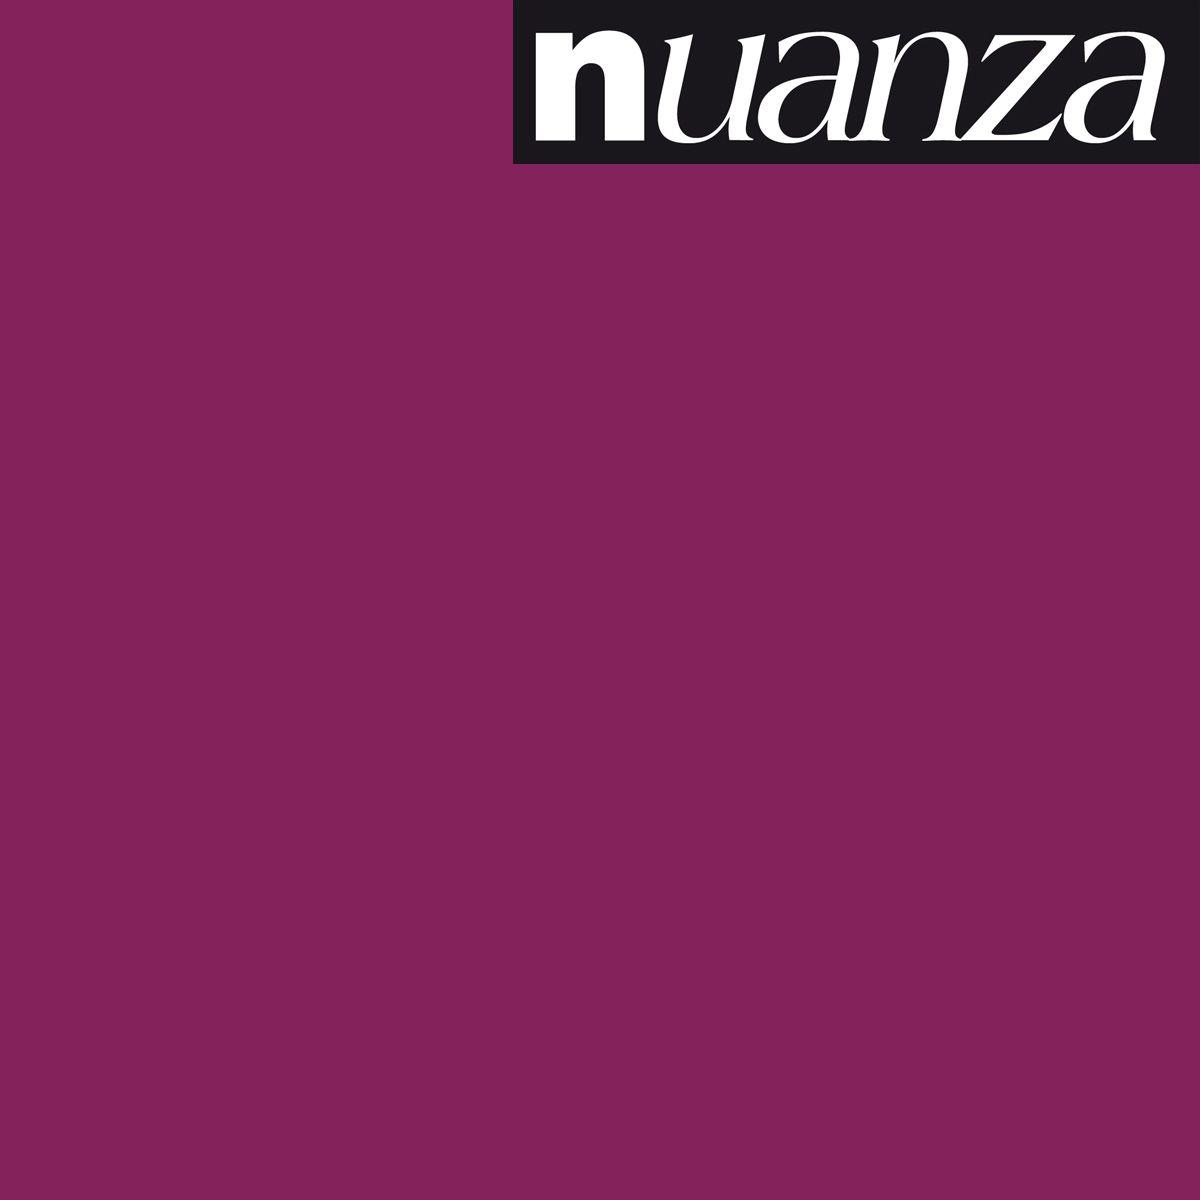 Peinture bougainvillier satin multisupports Nuanza 2.5l